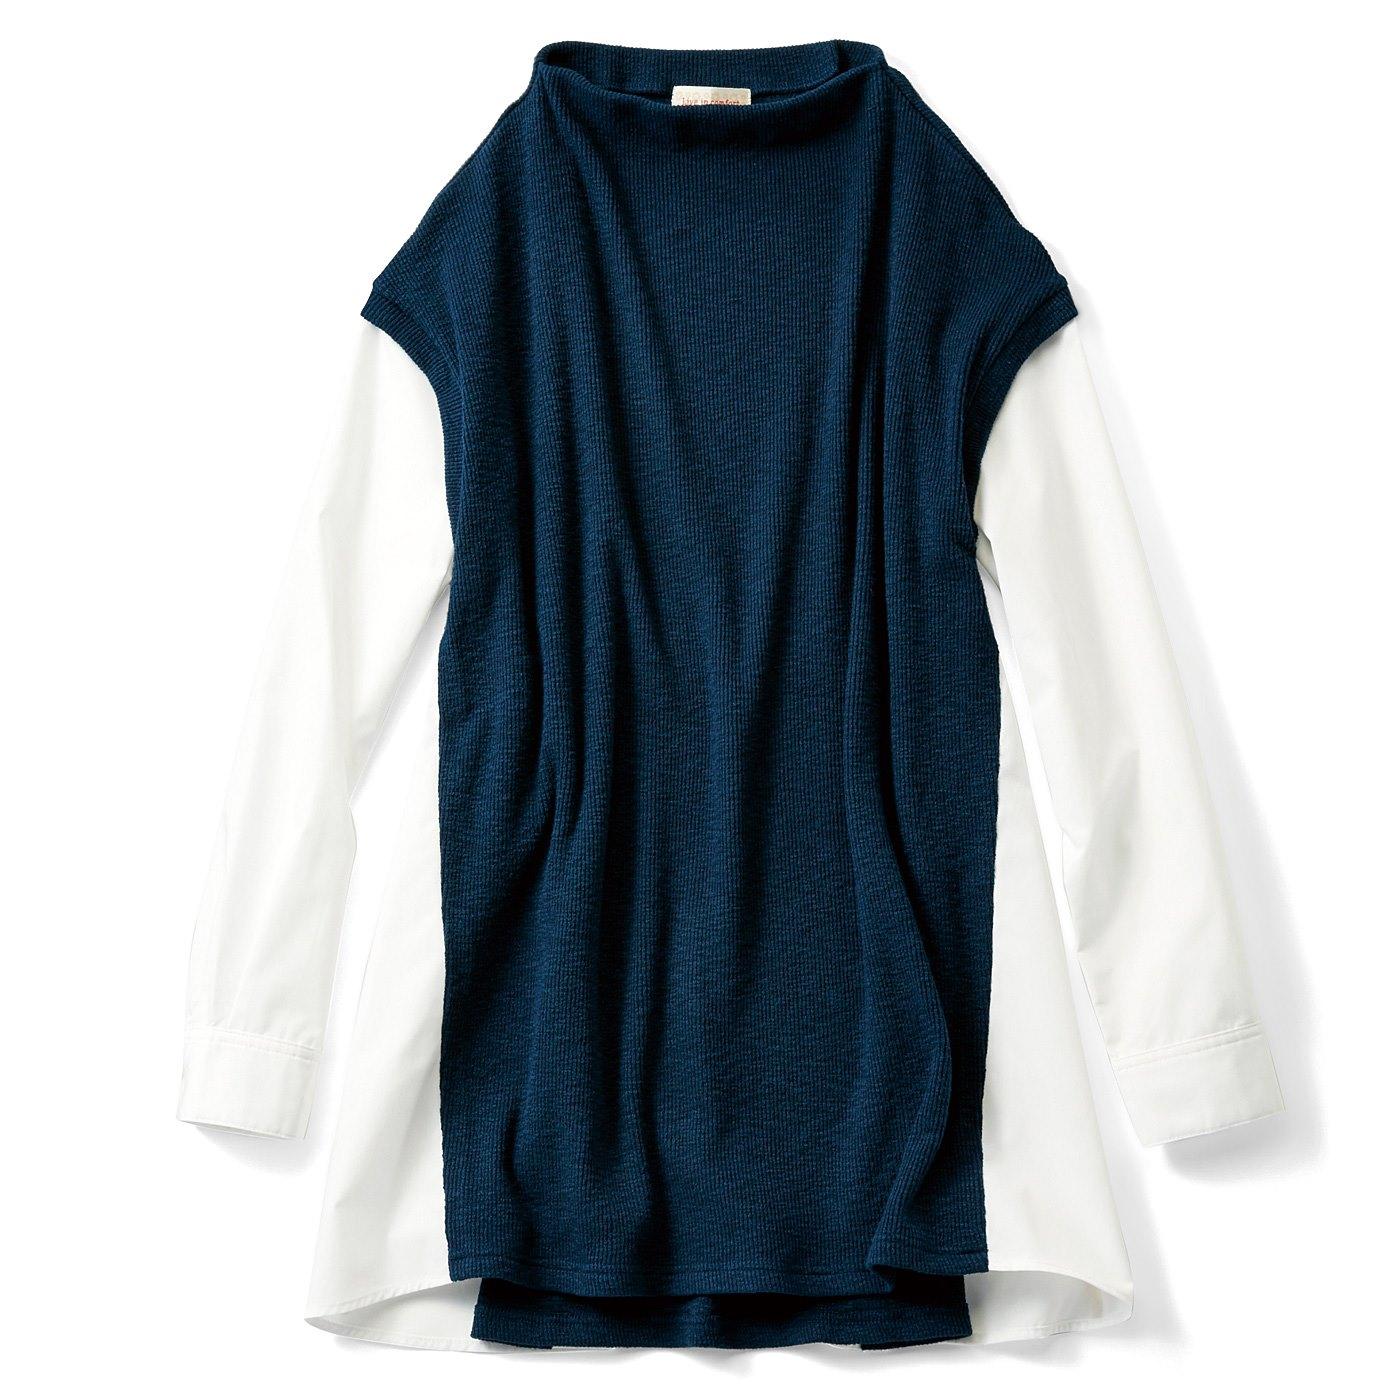 リブ イン コンフォート きちんと大人感 ニット見え素材とシャツの重ね着風ドッキングチュニック〈ダークブルーグリーン〉